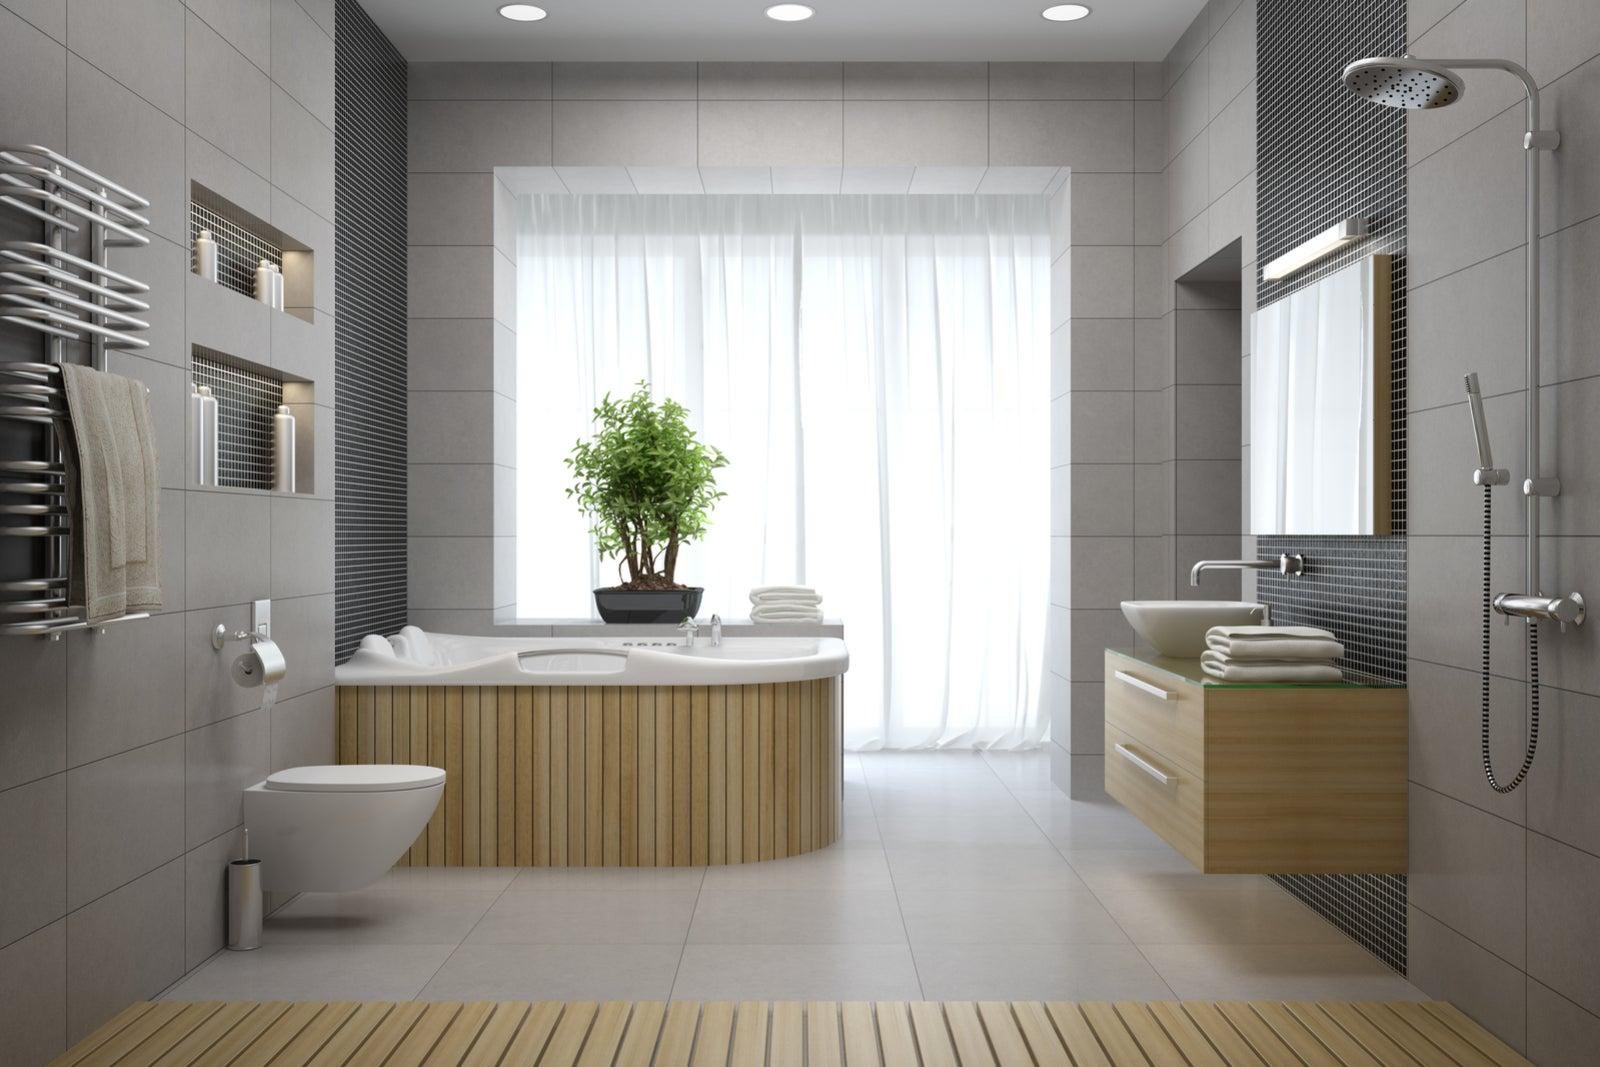 ¿Qué errores cometes al decorar tu baño?